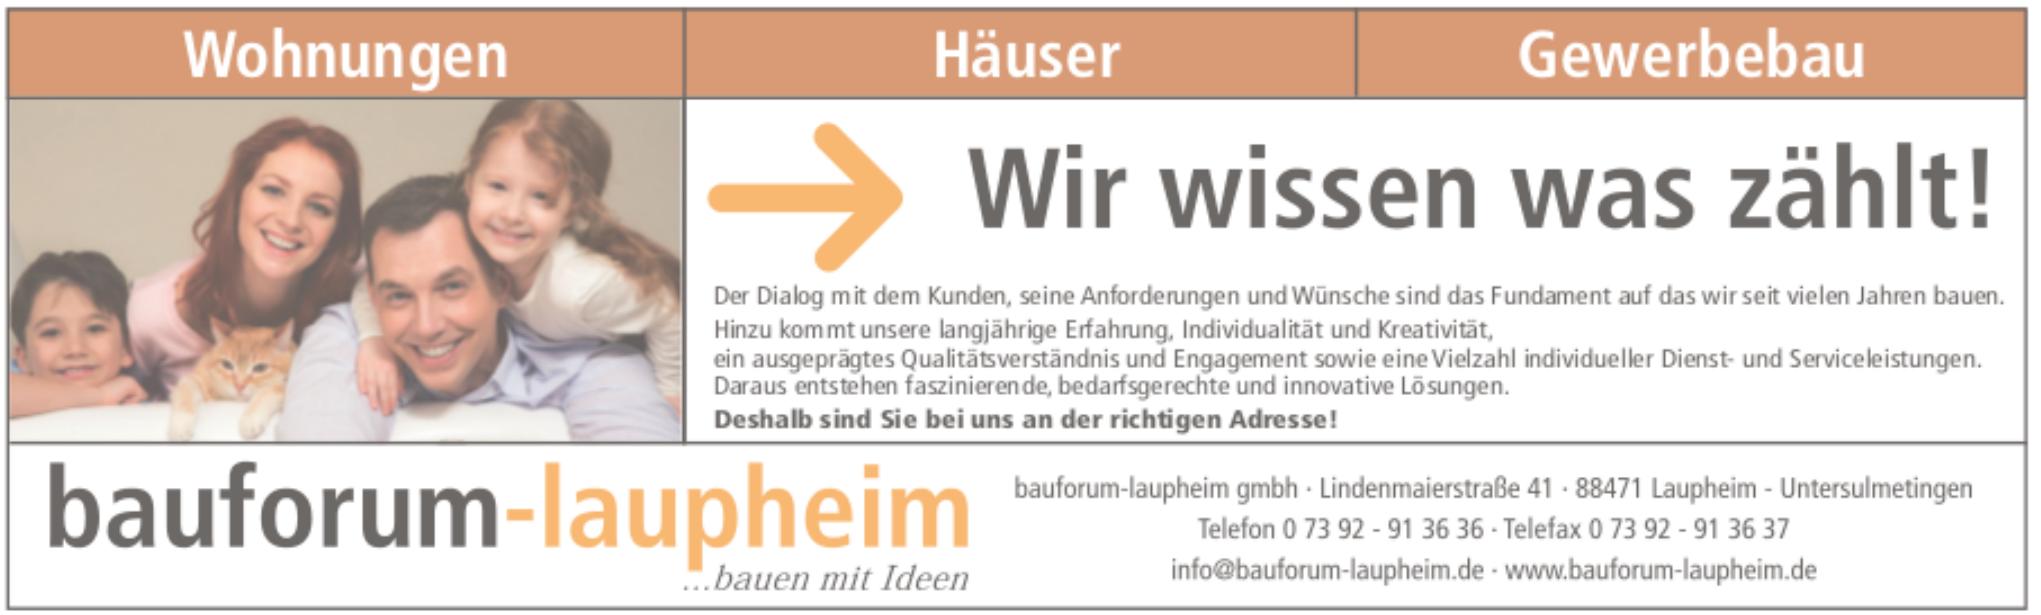 Bauforum-Laupheim GmbH